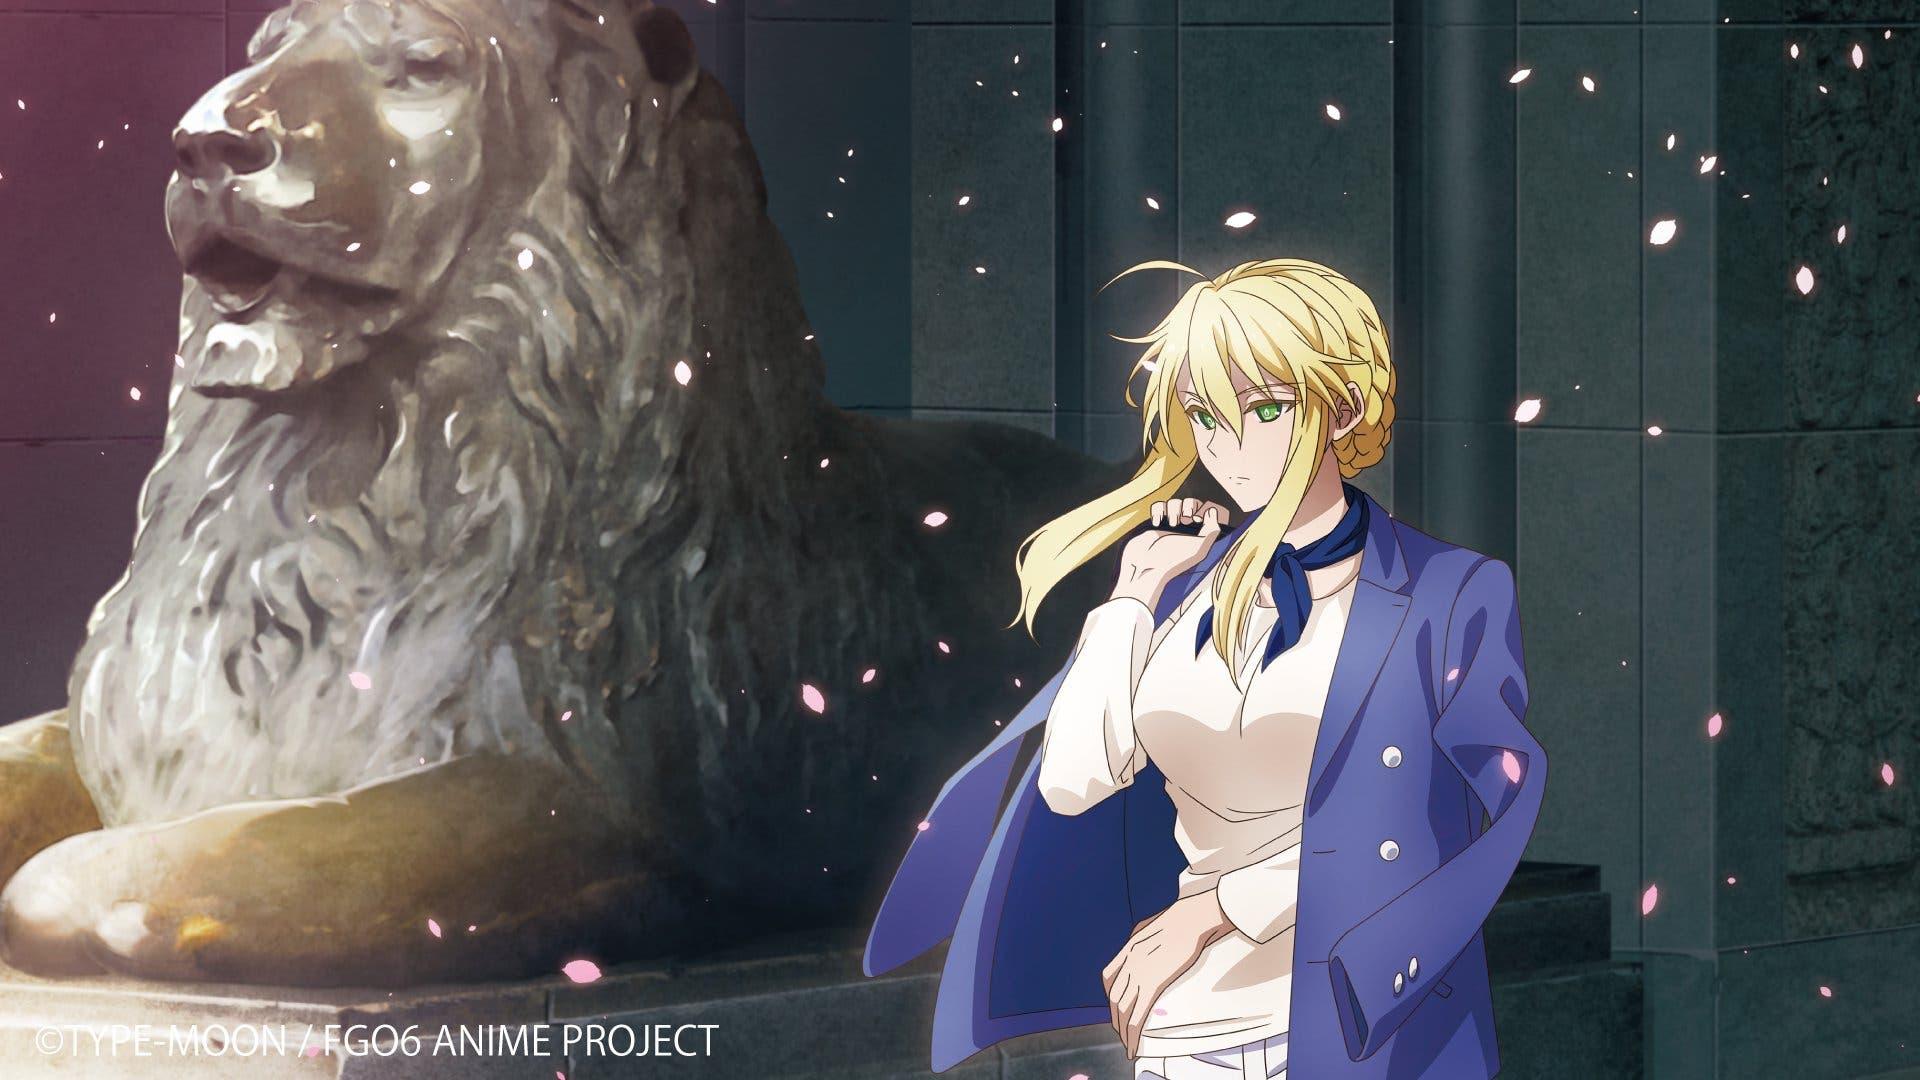 「劇場版Fate/Grand Order-神聖円卓領域キャメロット-後編 Paladin; Agateram」と #日本橋三越本店 とのコラボ描き下ろし第二弾「獅子王」と会場情報が決定